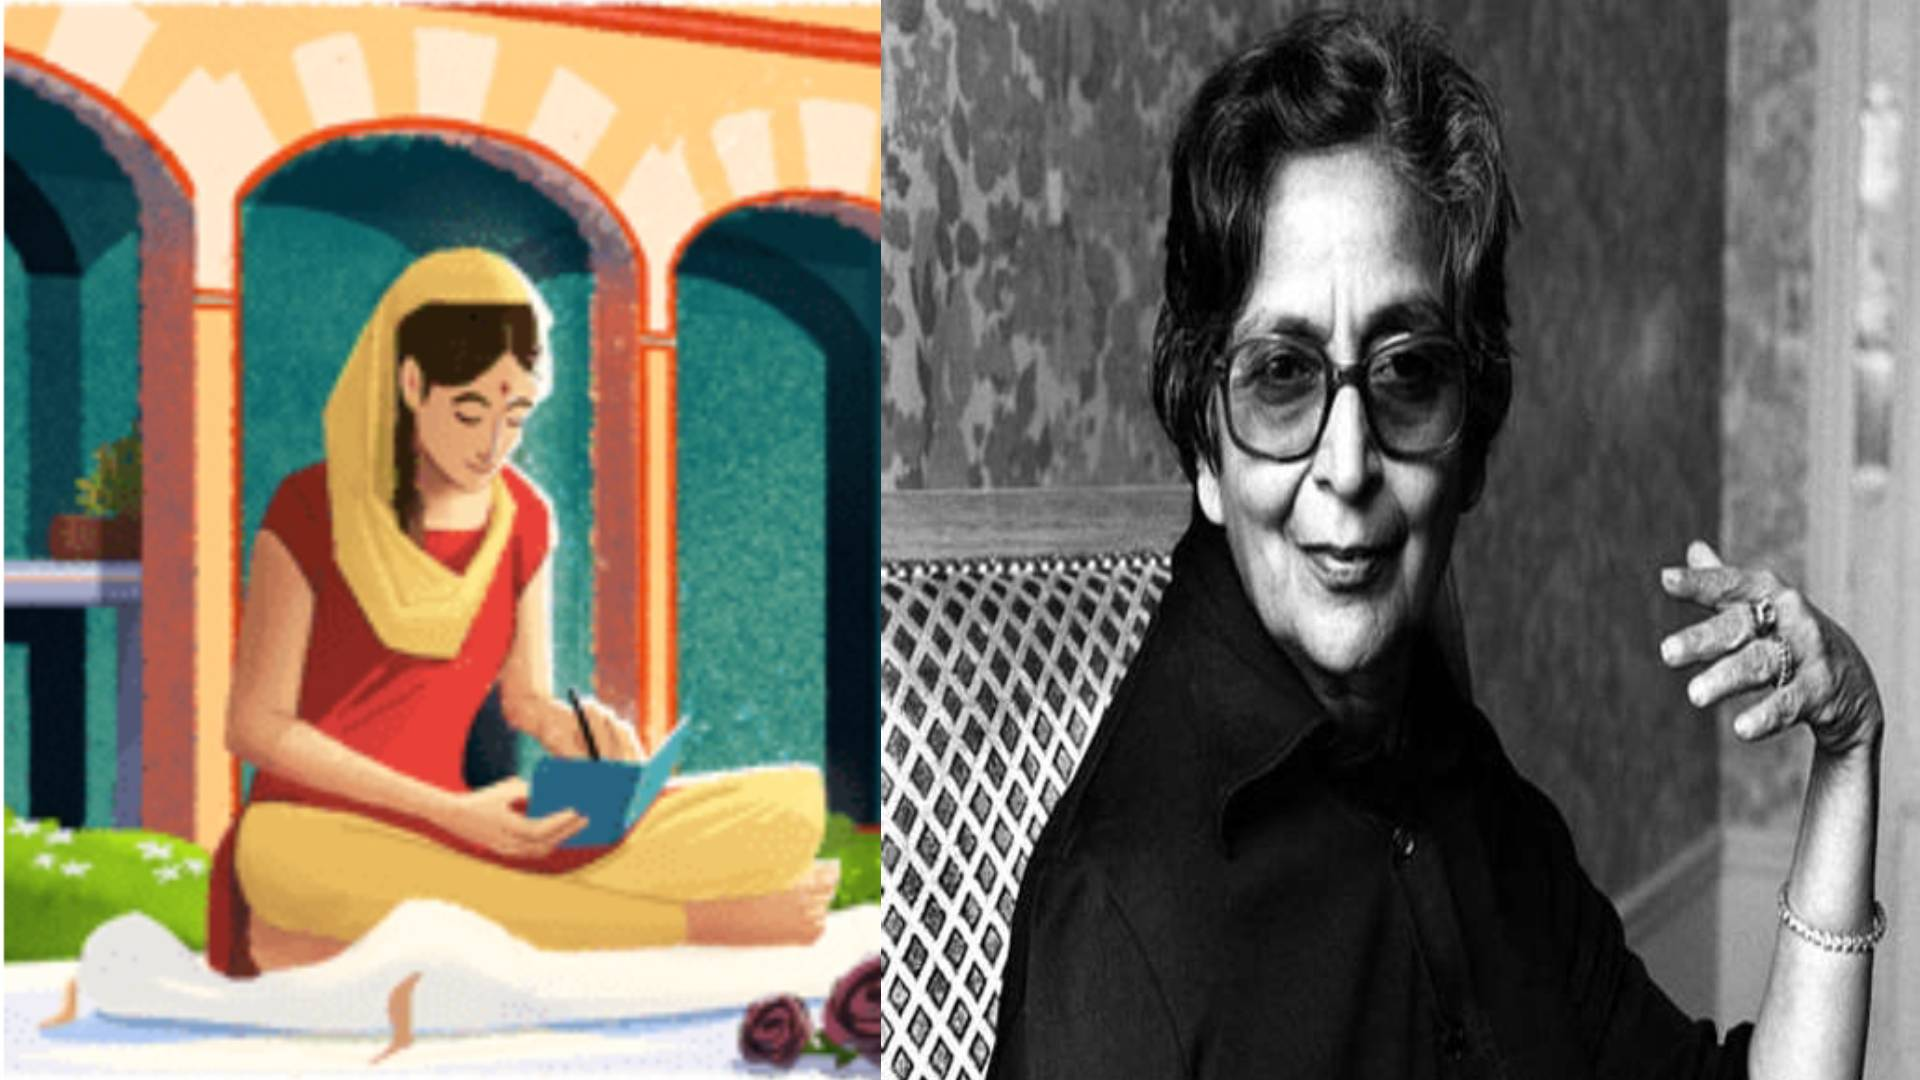 अमृता प्रीतम की 100वीं जयंती पर गूगल ने बनाया ये खास डूडल, जानिए कैसे कलम से लोगों के दिलों में बसी थीं लेखिका